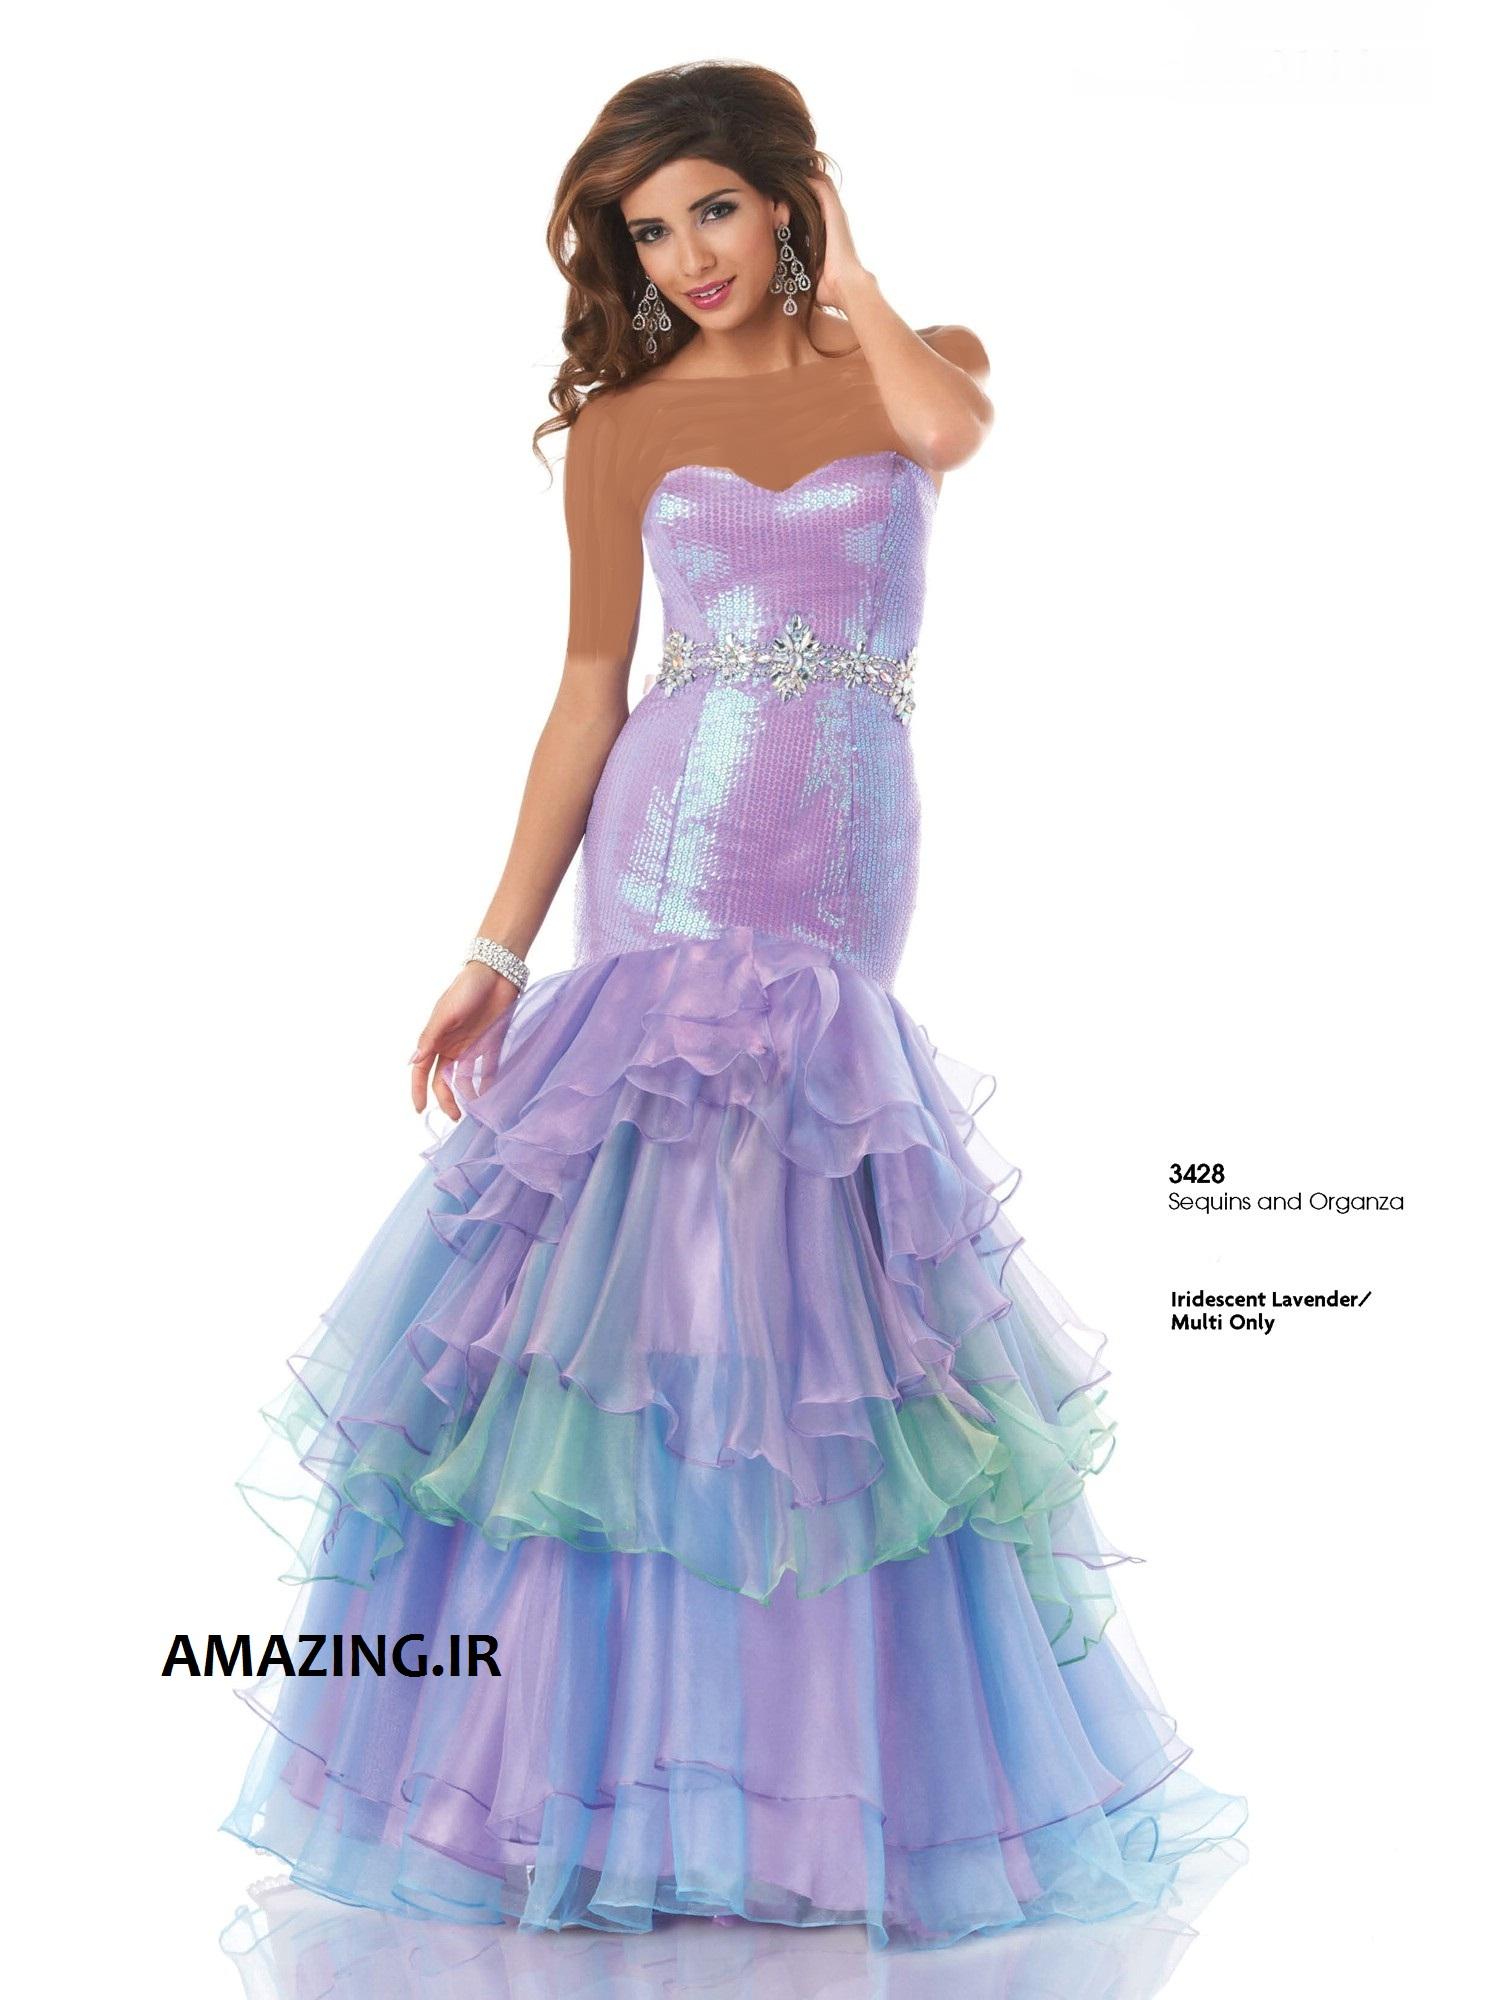 مدل لباس مجلسی 2014, مدل لباس مجلسی رنگ سال 2014 , مدل لباس مجلسی 93